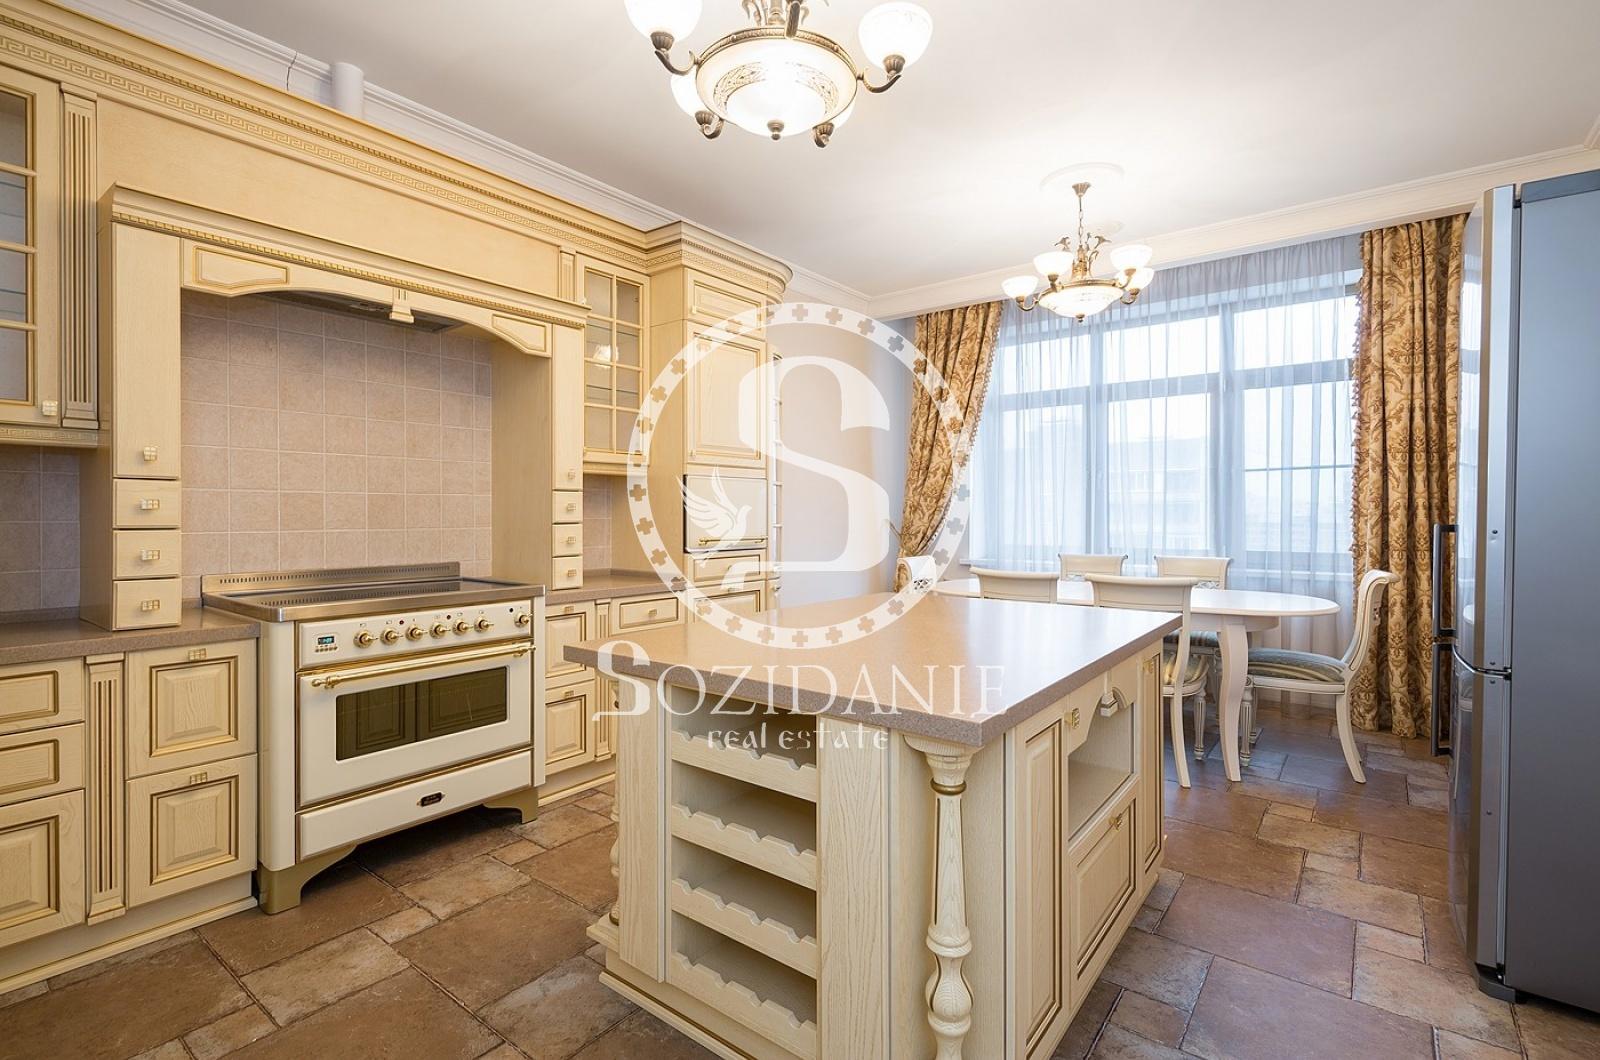 4 Комнаты, Городская, Продажа, Чапаевский переулок, Listing ID 3925, Москва, Россия,